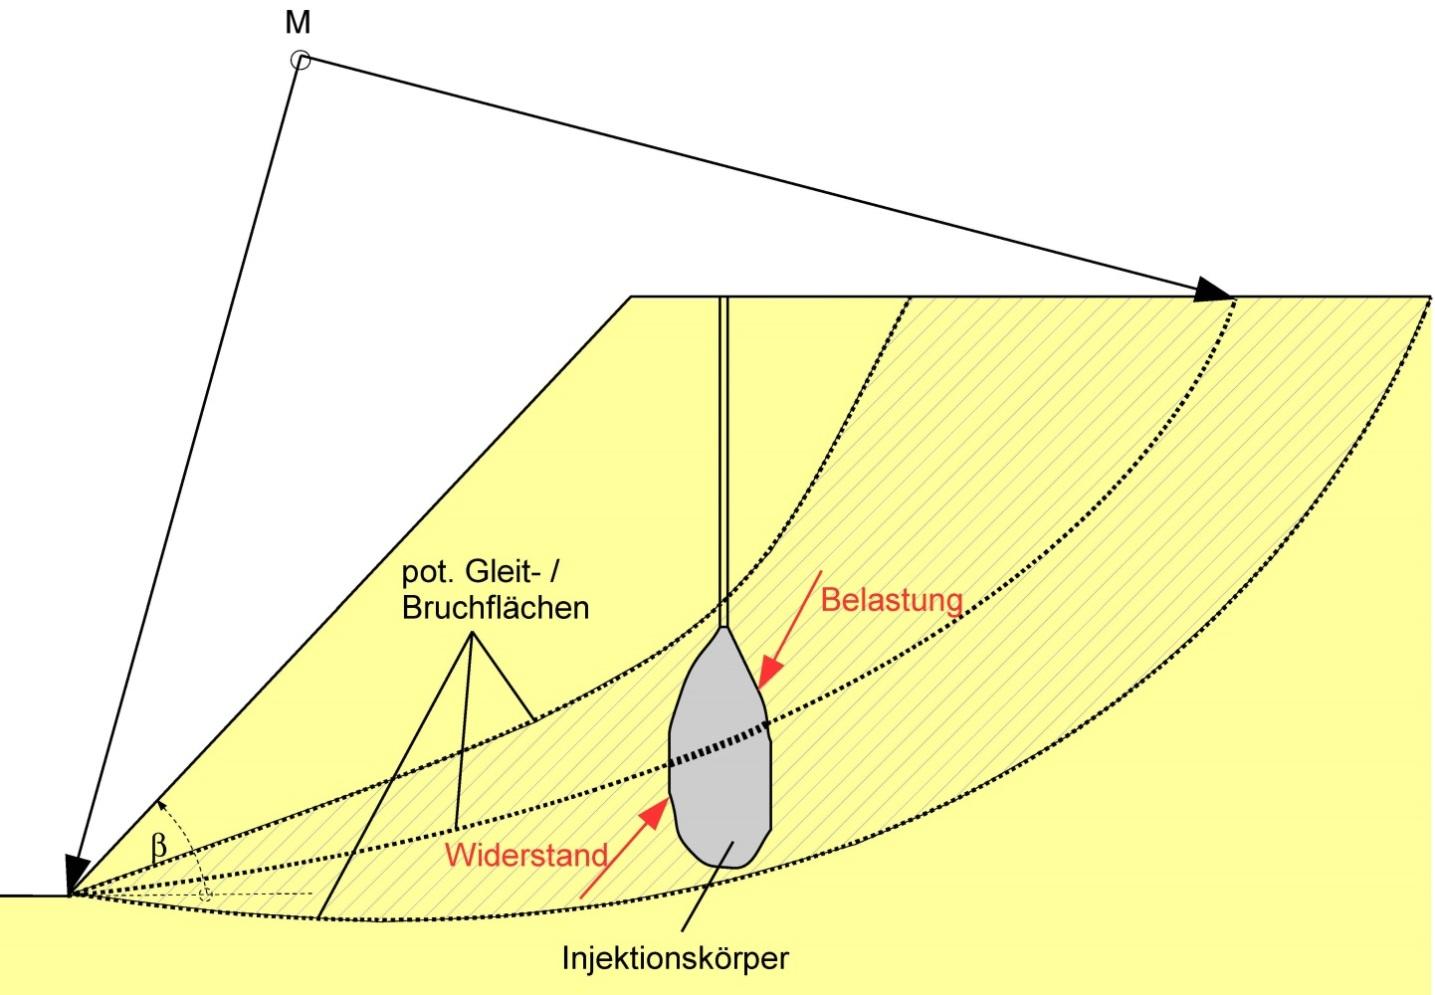 Entwicklung eines Verfahrens zur Stabilisierung von Deichen und Dämmen mittels Niederdruckinjektion